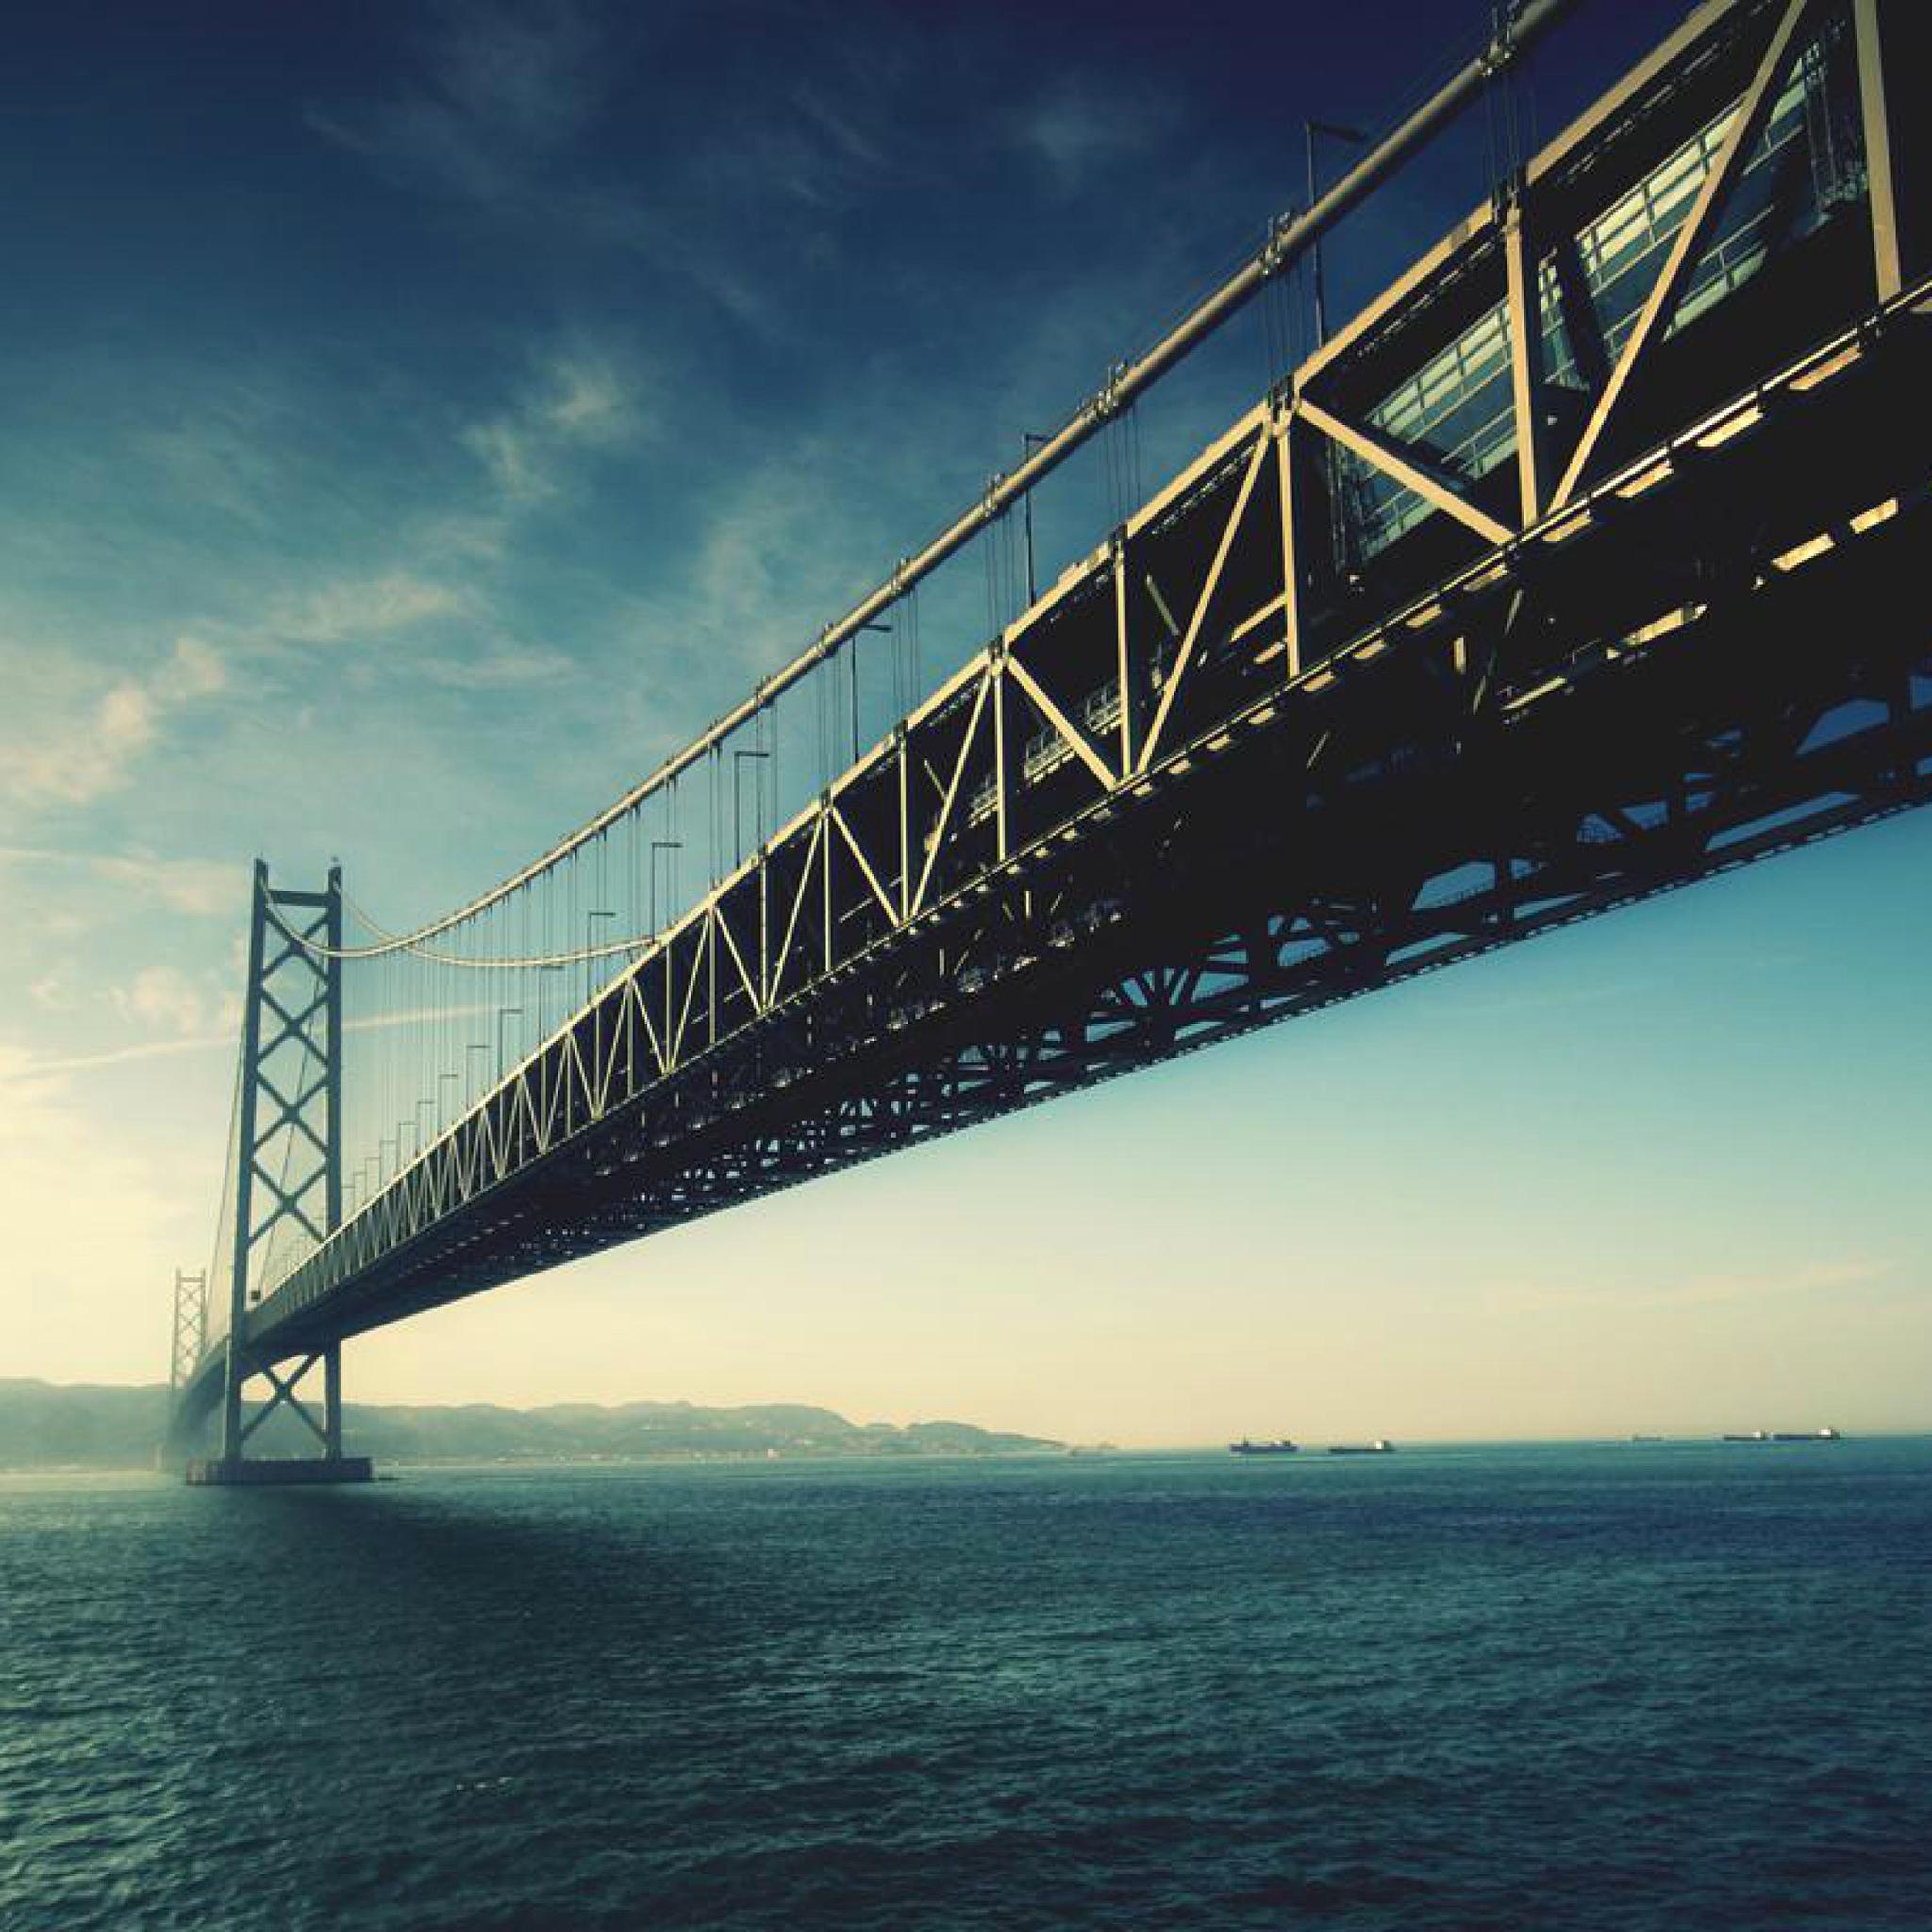 Bridge 3Wallpapers iPad Bridge   iPad